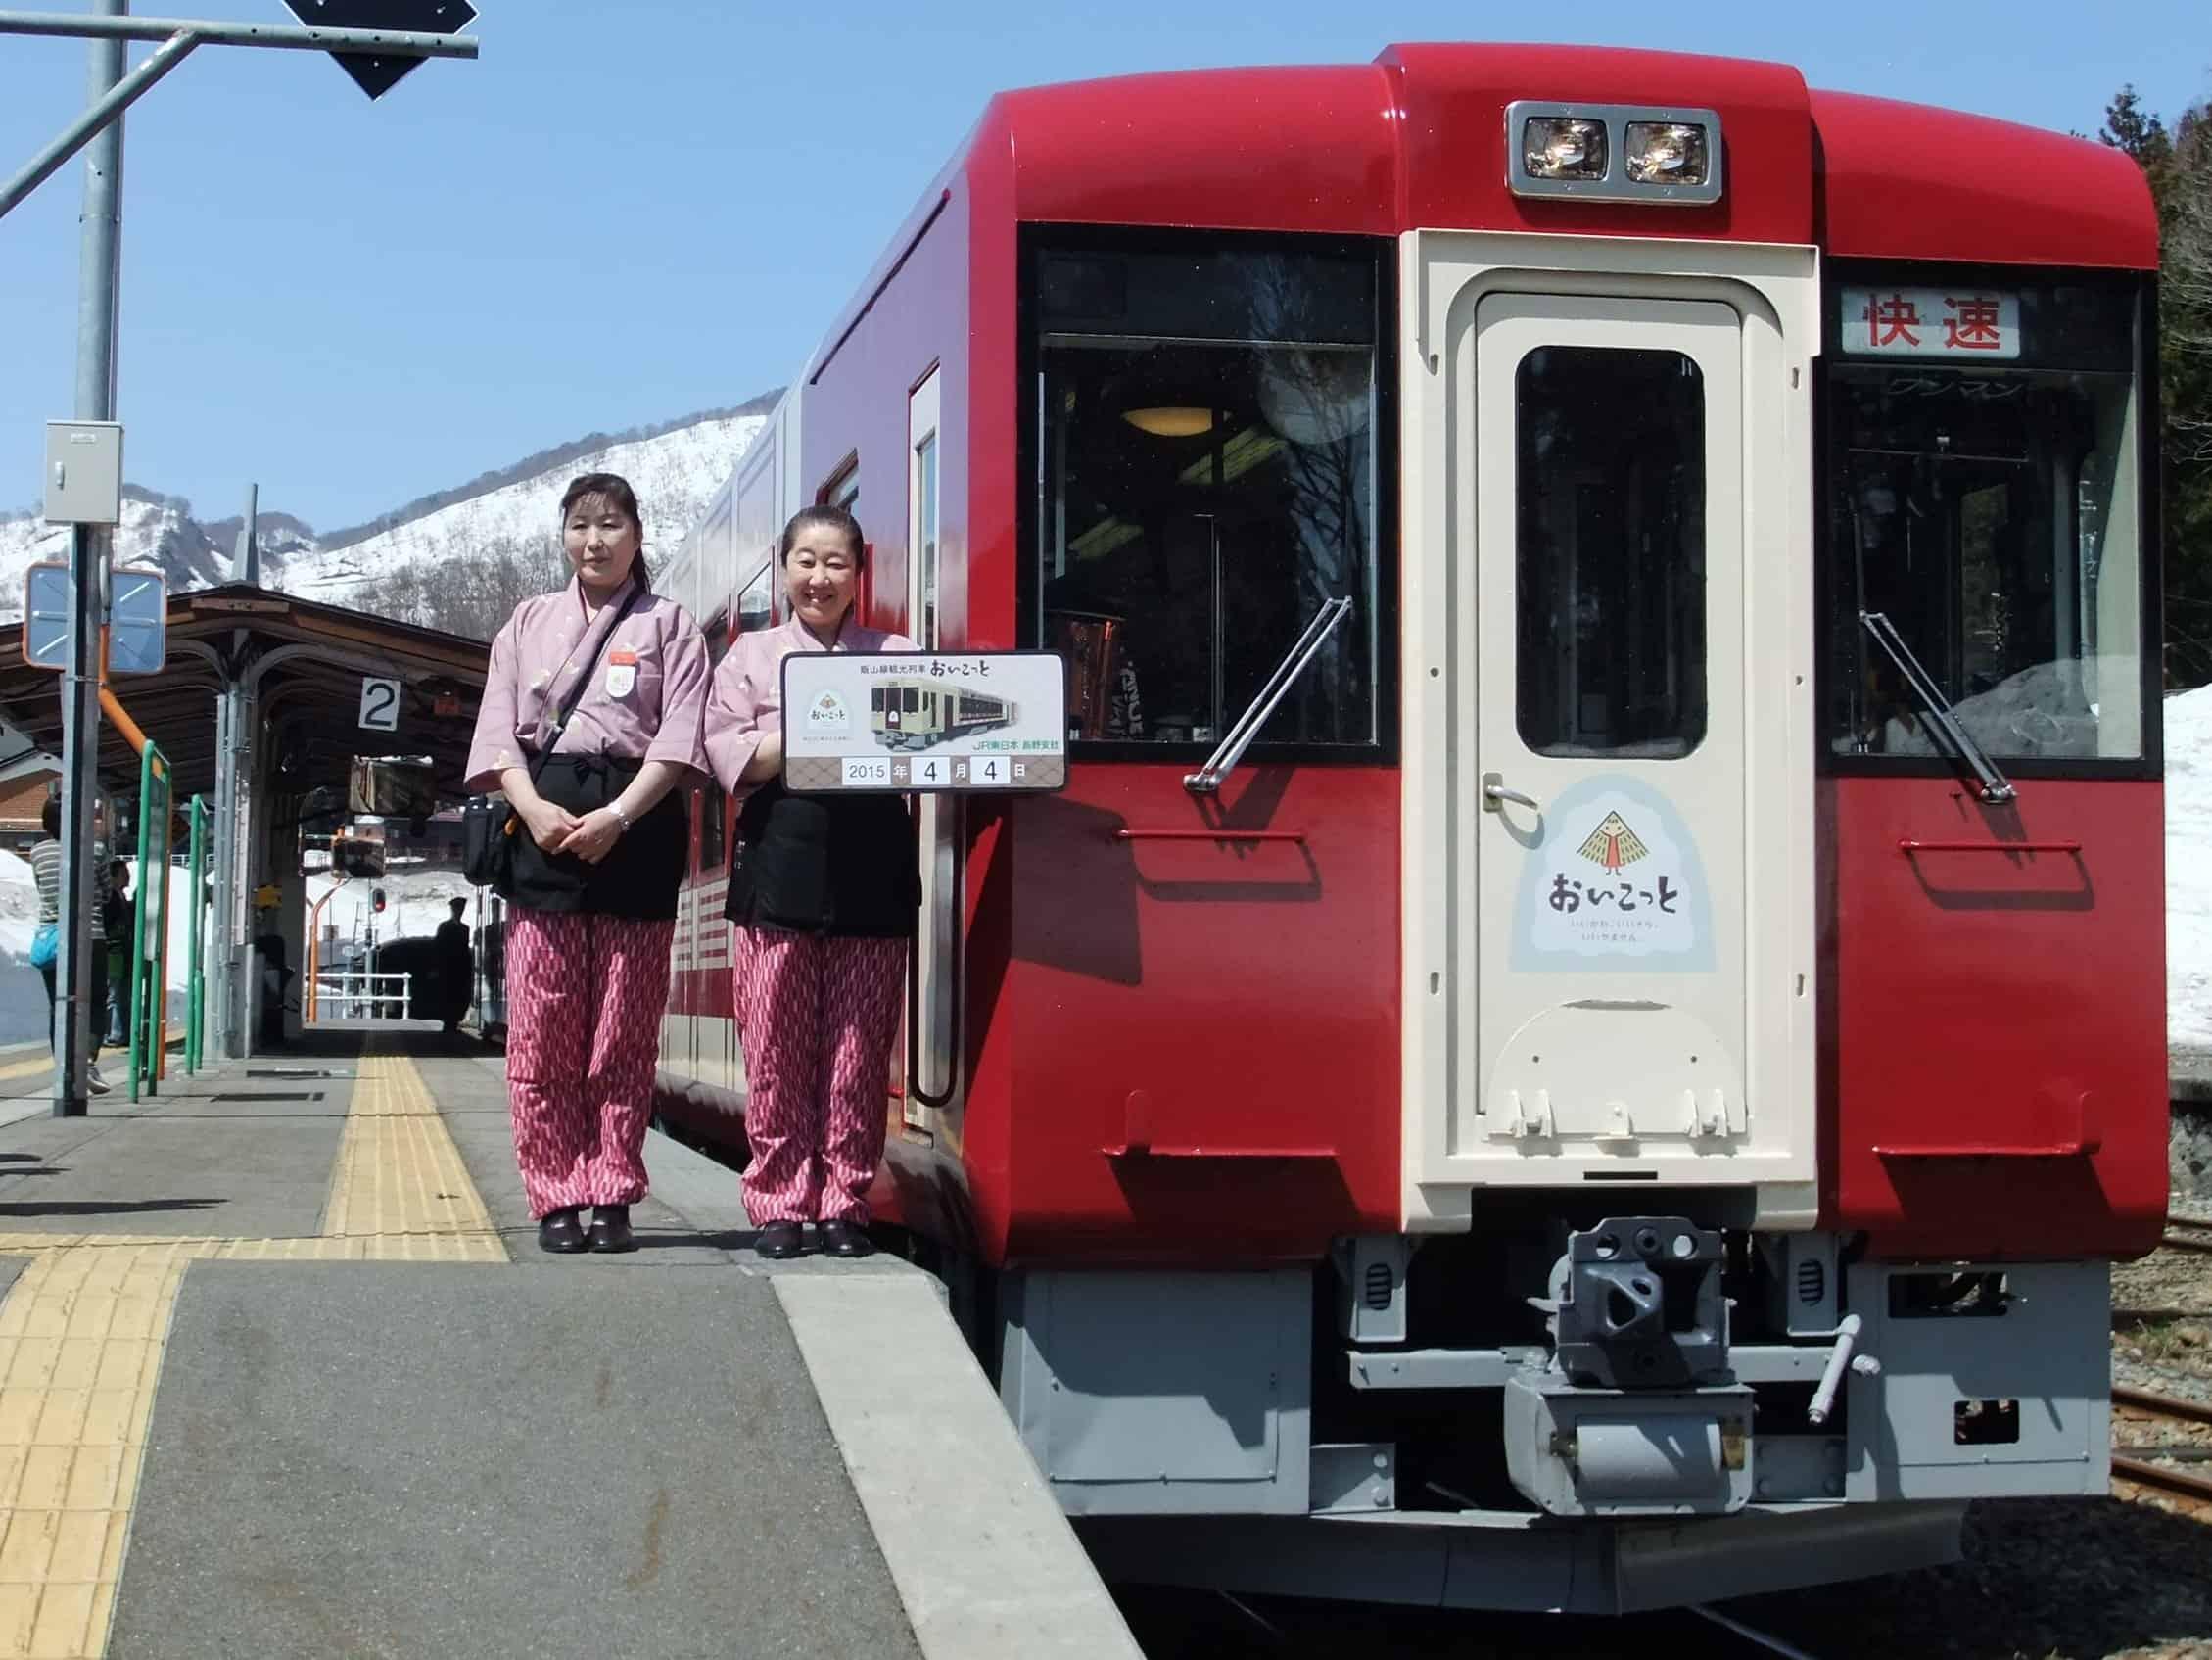 Joyful train - พนักงานหญิงของรถไฟ Oykot